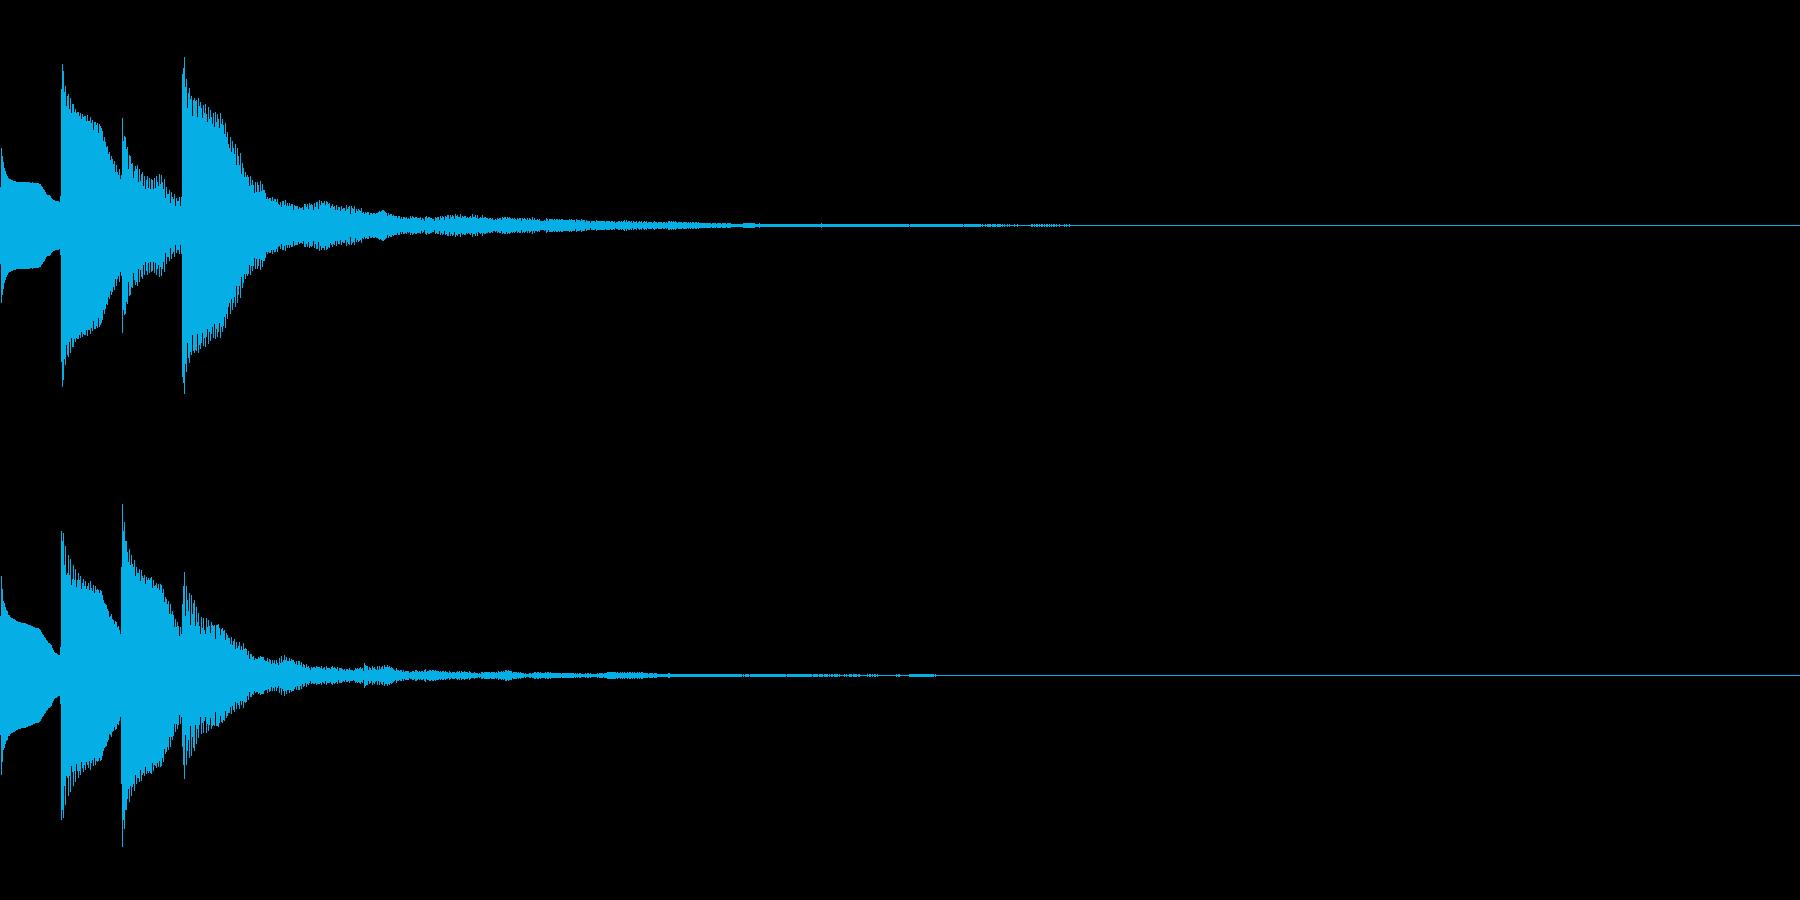 Quiz 美しい残響の正解ピンポン音 3の再生済みの波形